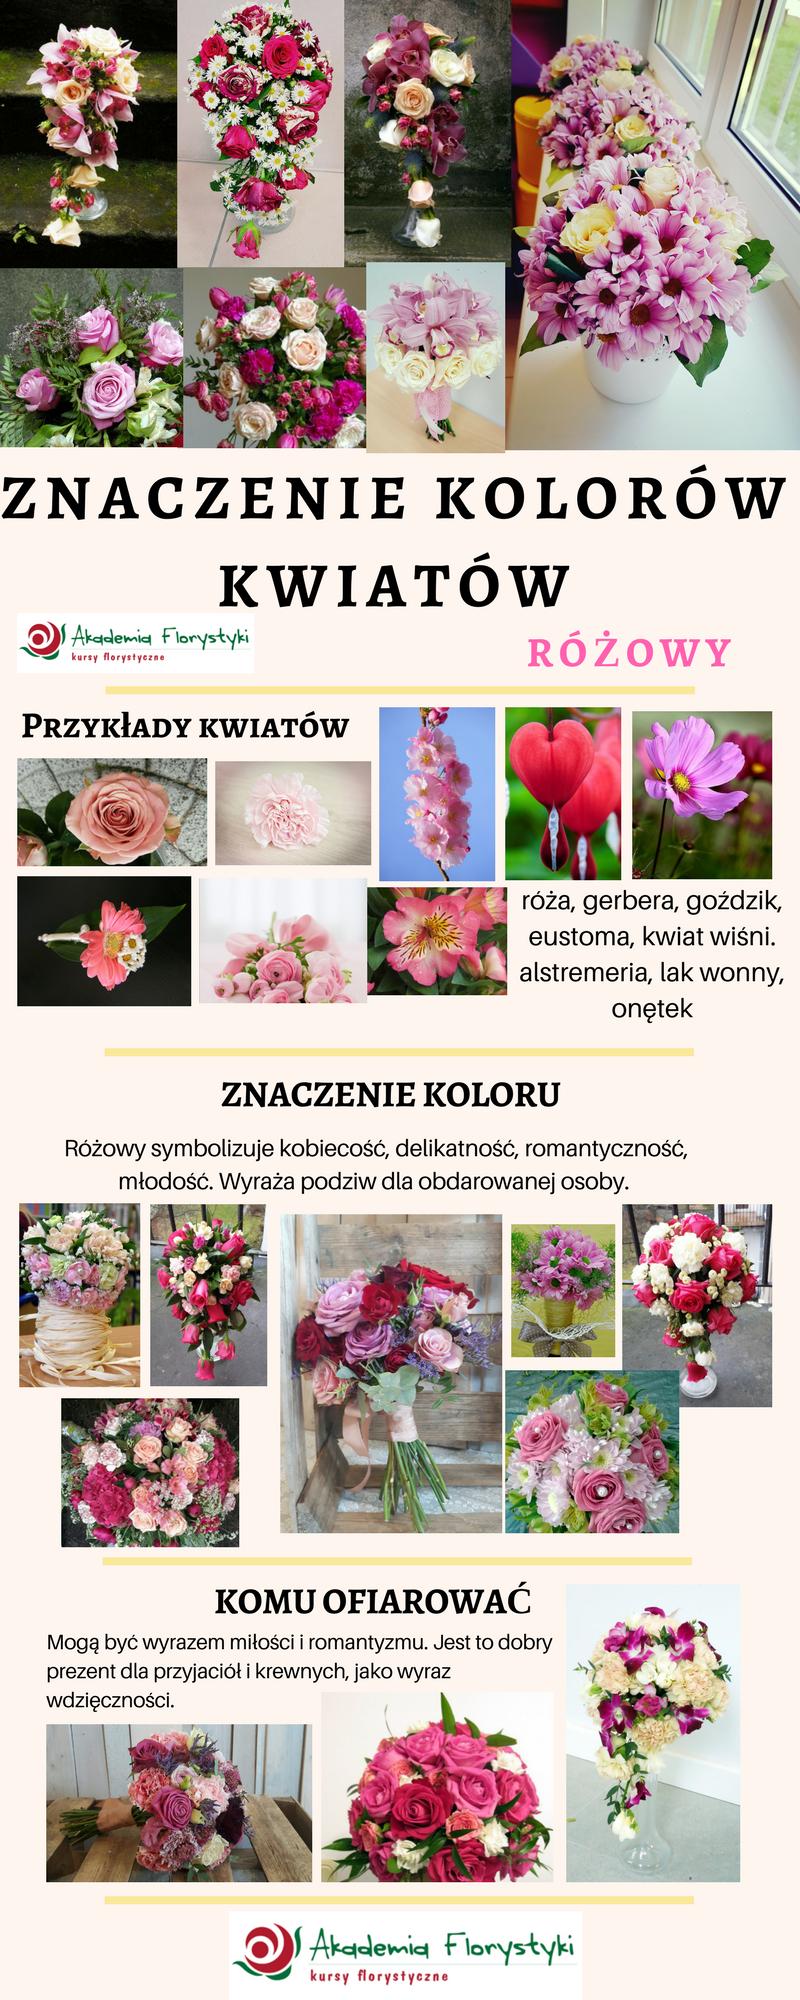 znaczenie kolorów kwiatów - kwiaty różowe